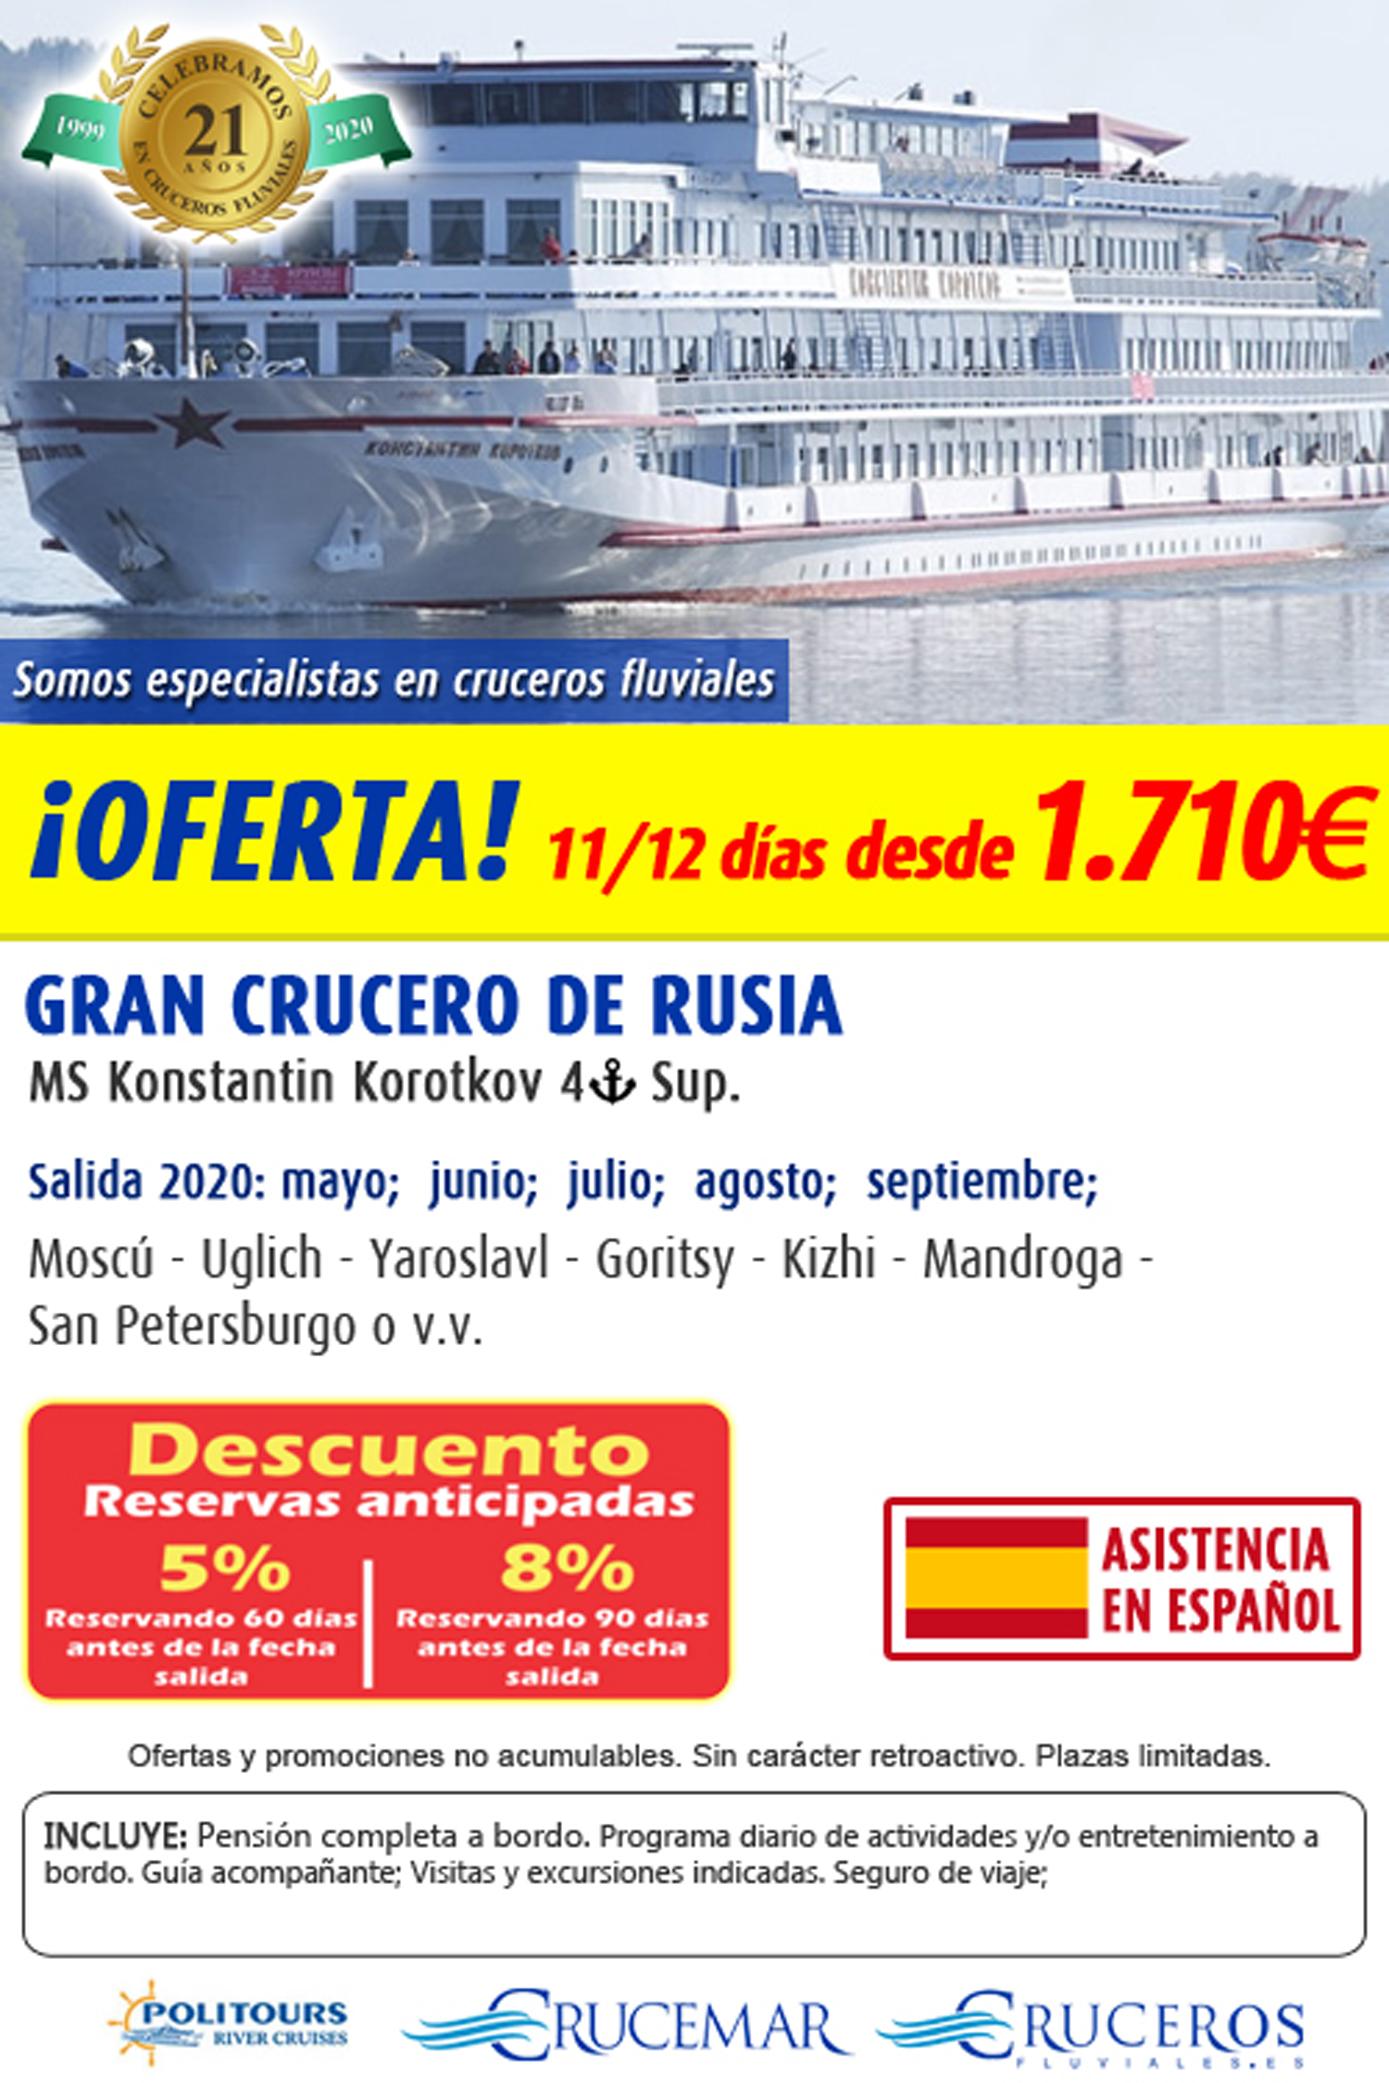 Gran Crucero de Rusia